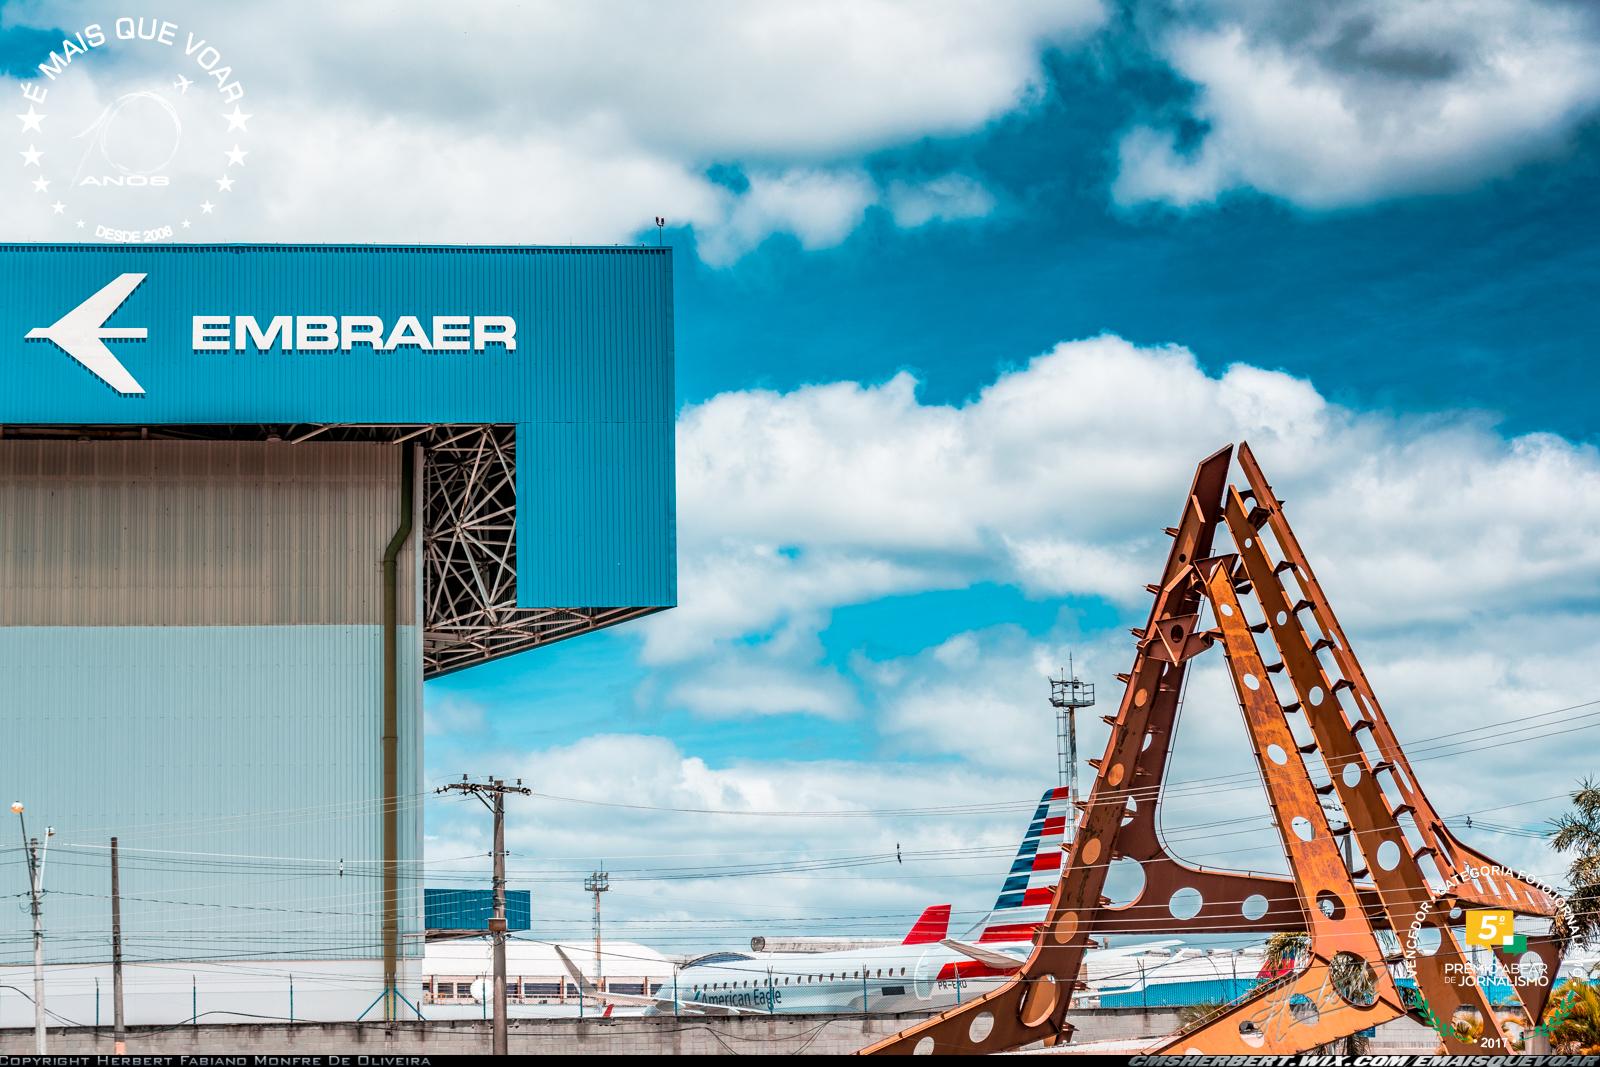 Embraer e UNESP firmam convênio para processamento de 40 mil testes de diagnóstico da COVID-19 | Foto © Herbert Monfre - Fotógrafo de Aviões - Imagem produzida por Herbert Pictues | by É MAIS QUE VOAR